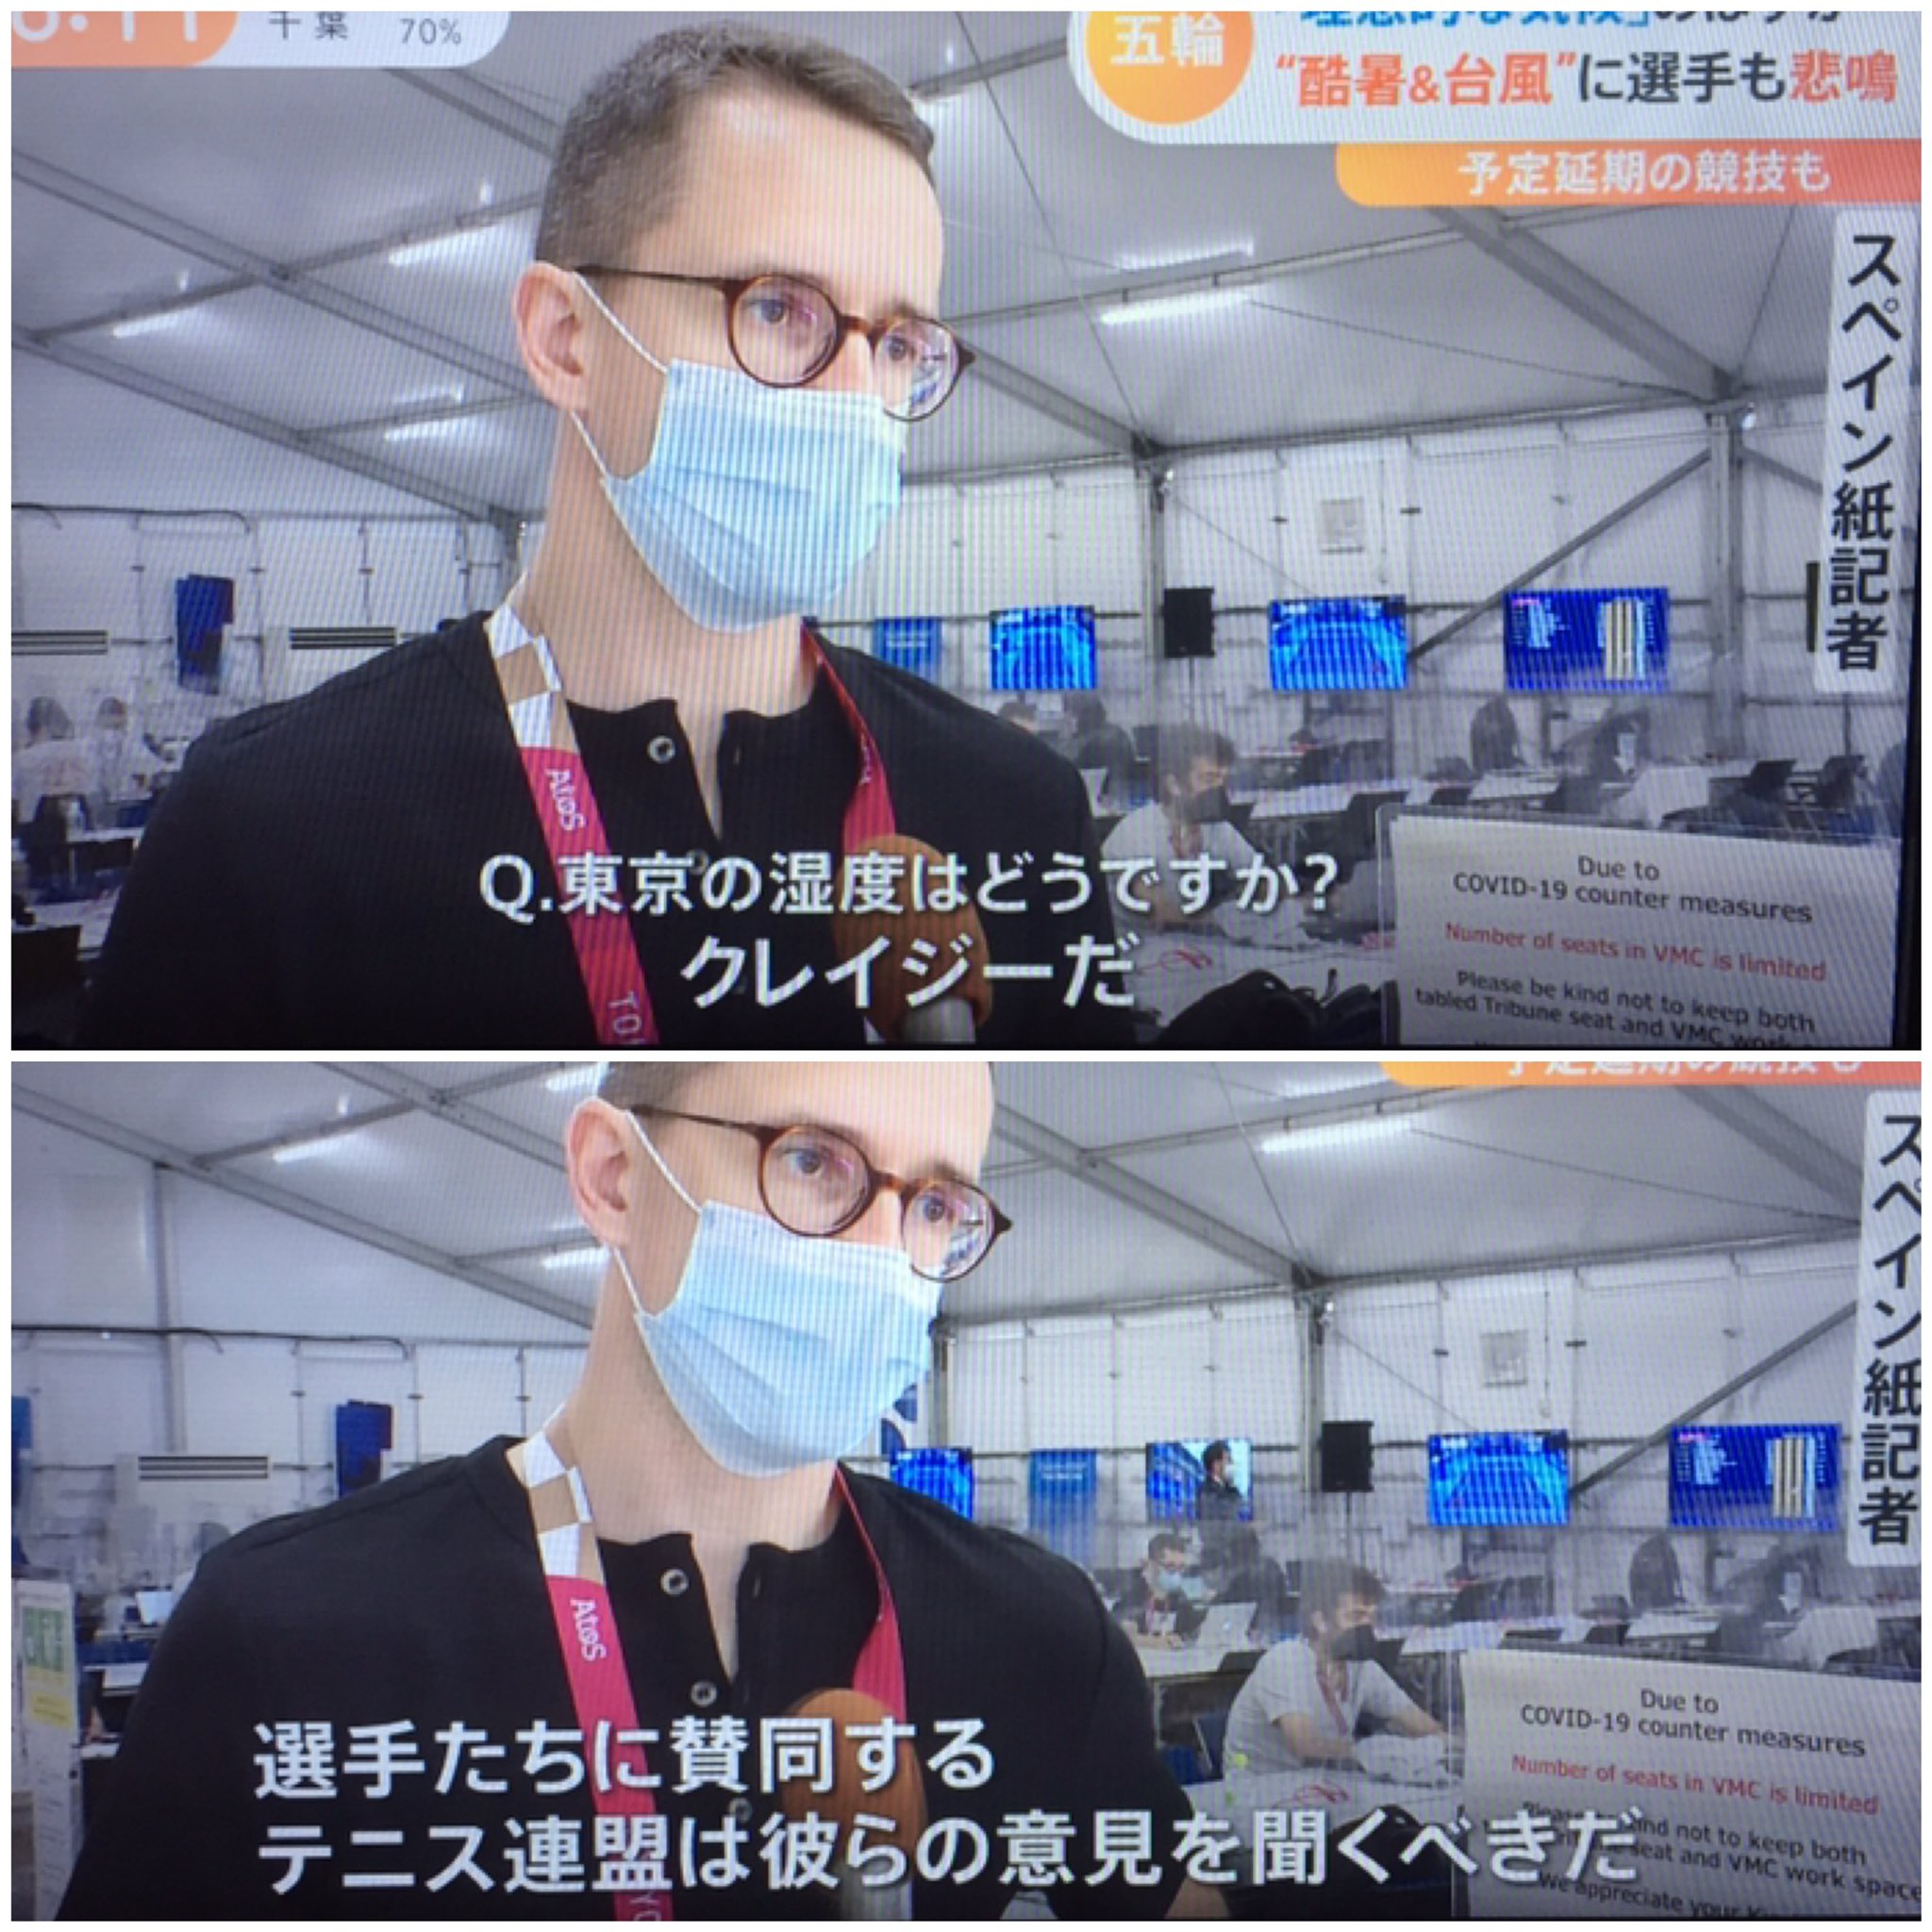 【悲報】米メディア<猛暑下での五輪開催を厳しく糾弾!「アスリートたちが代償を支払わされている」「日本の組織委員会は嘘をついた」